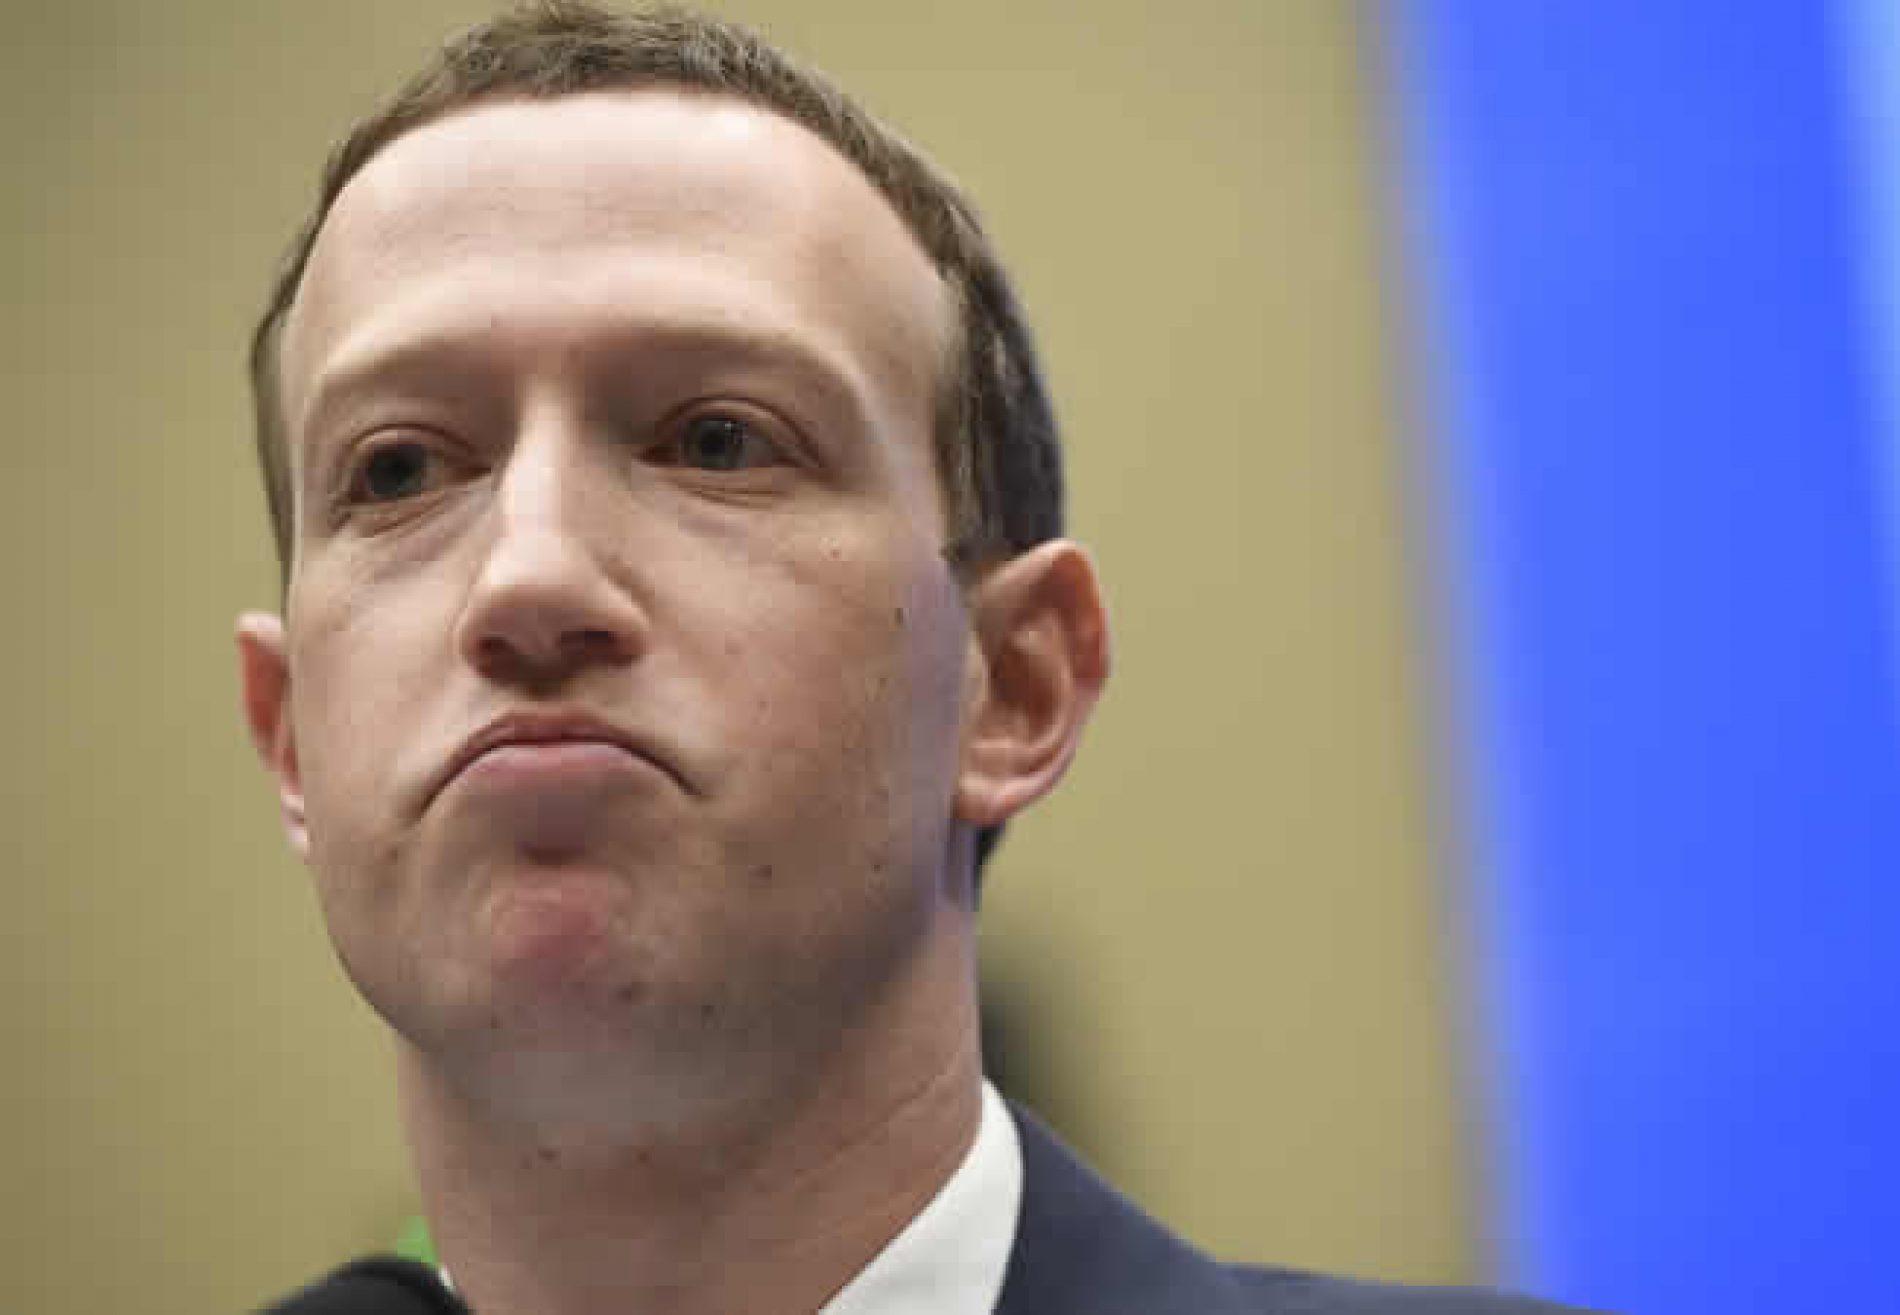 Facebook's Zuckerberg wants 'new framework' for digital tax